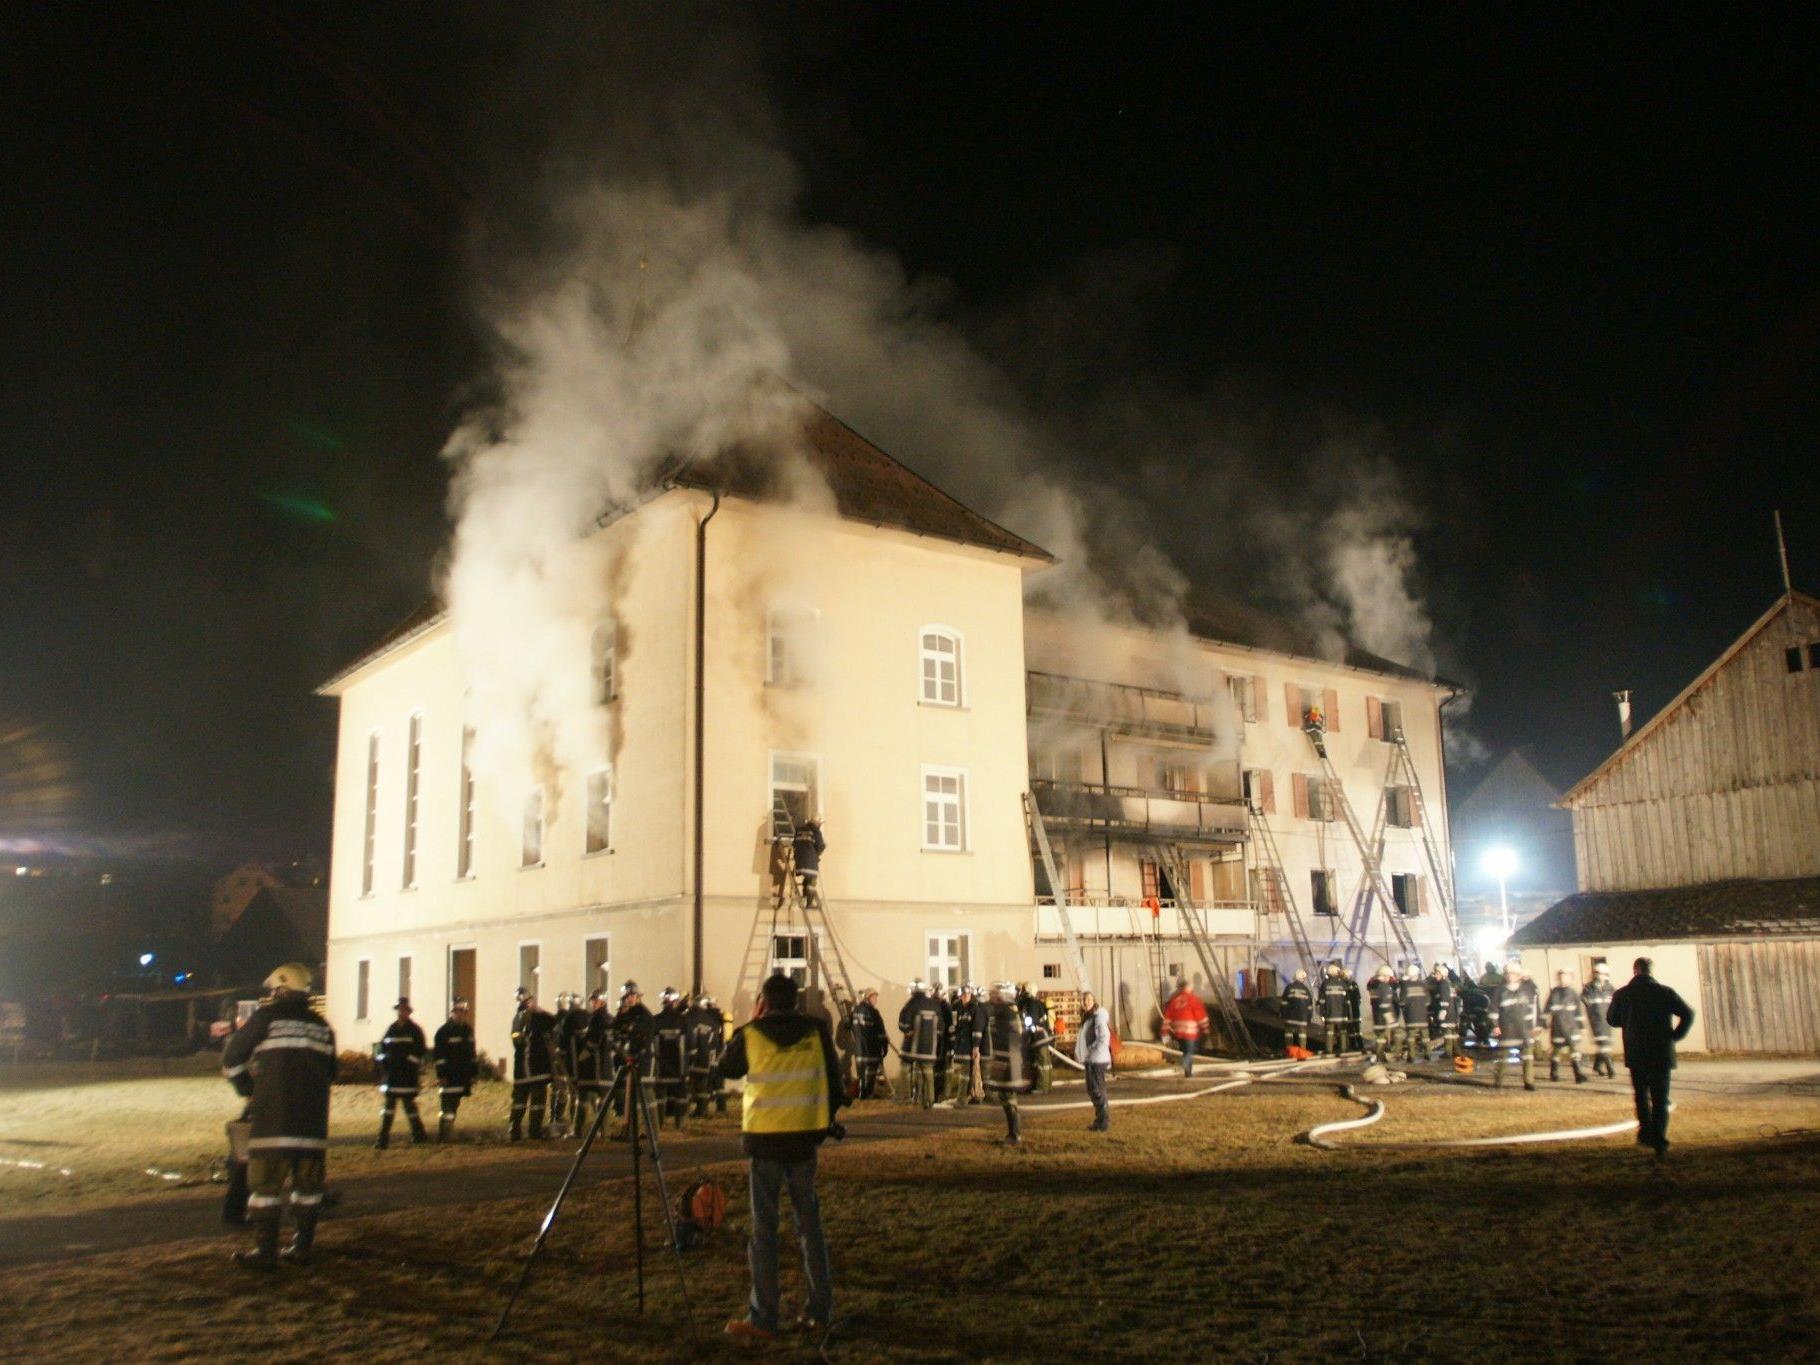 Die tragische Brandkatastrophe in Egg forderte im Jahr 2008 elf Menschenleben.